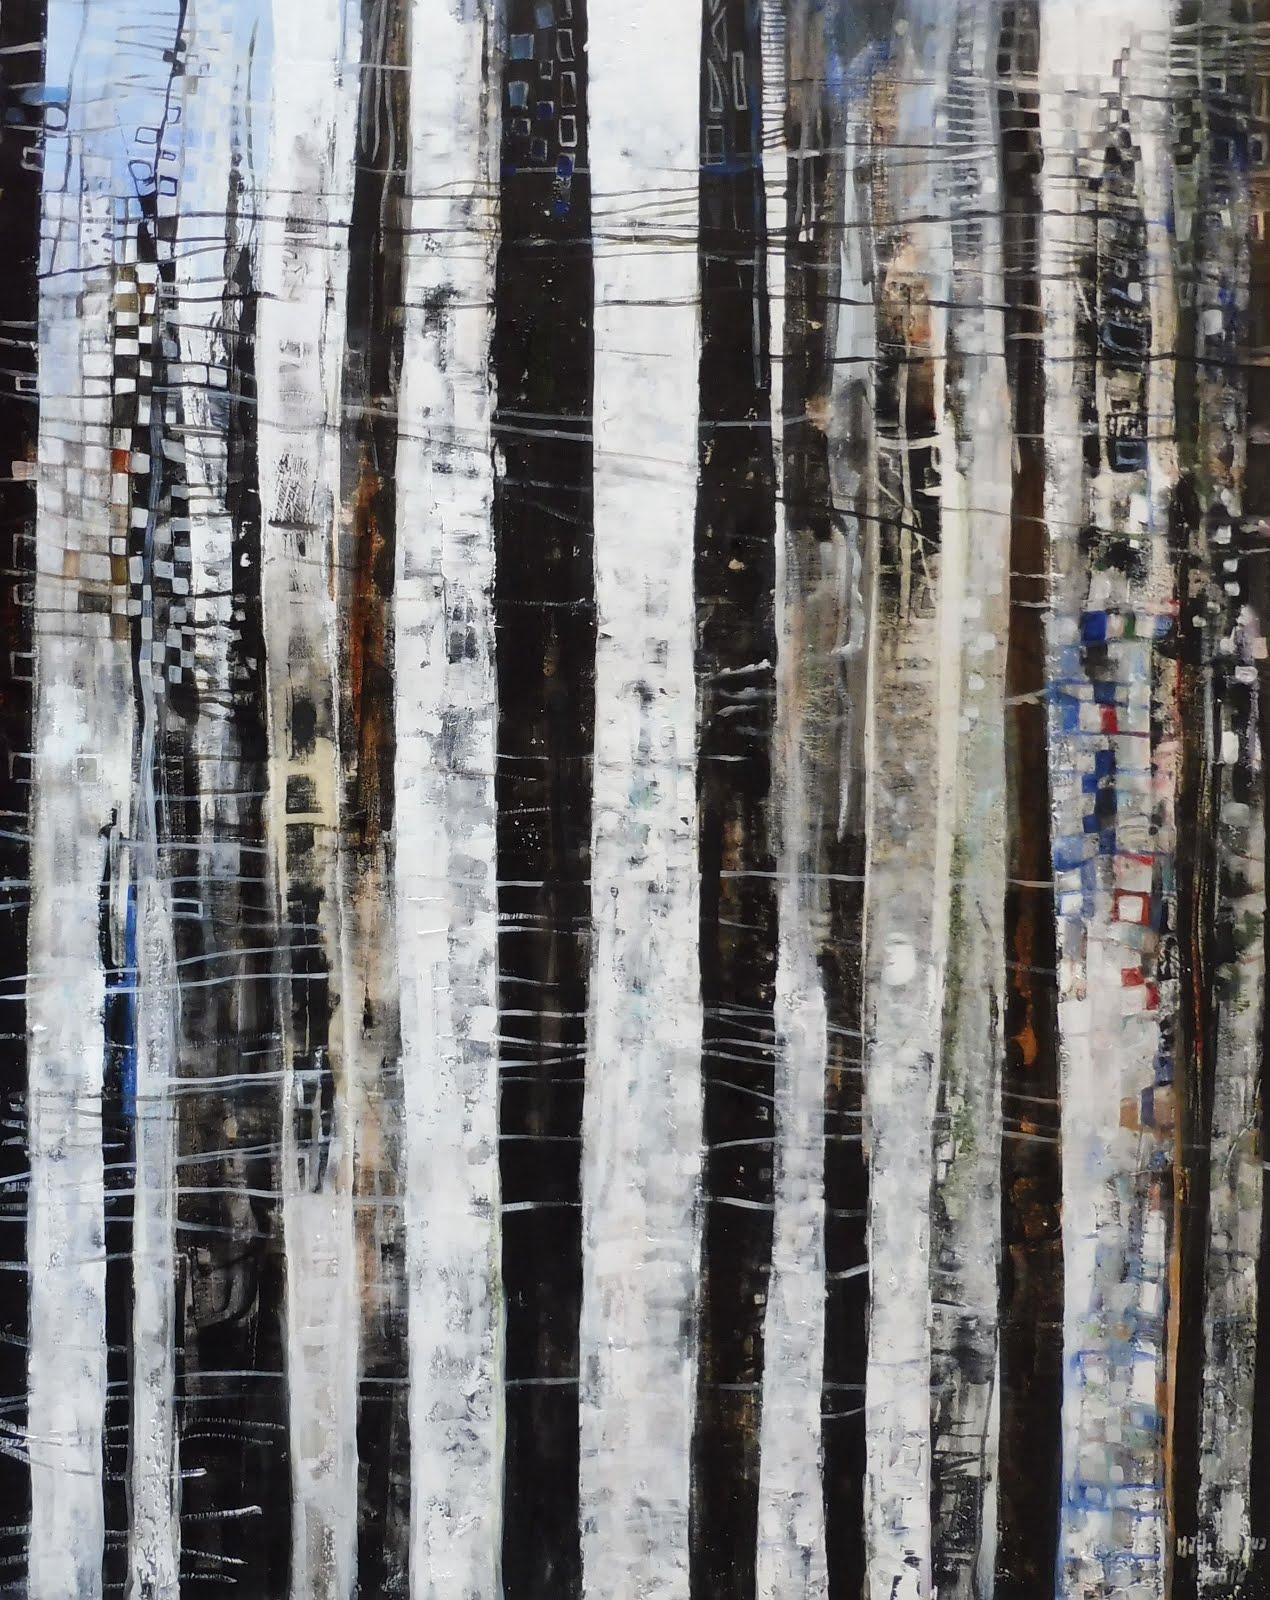 Le bois de bouleaux - 73 x 92 cm - 2016